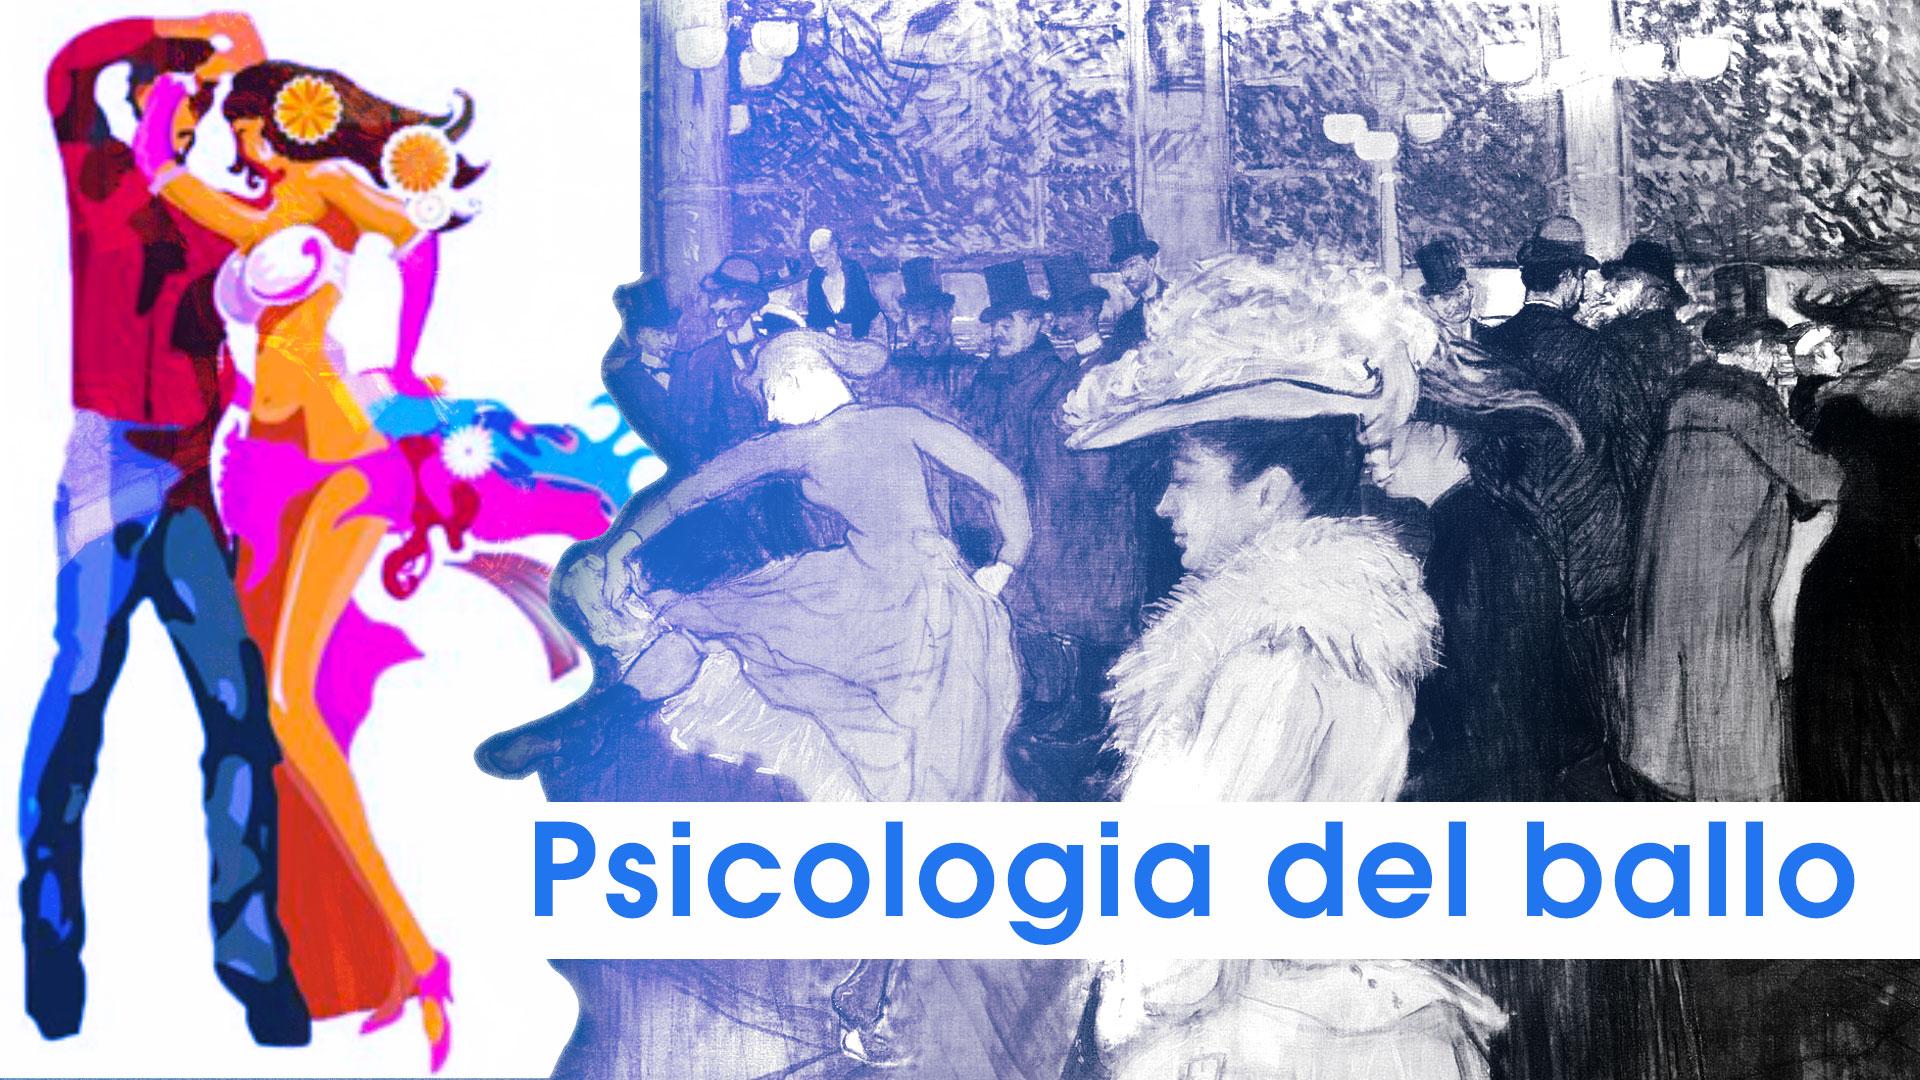 psicologia del ballo